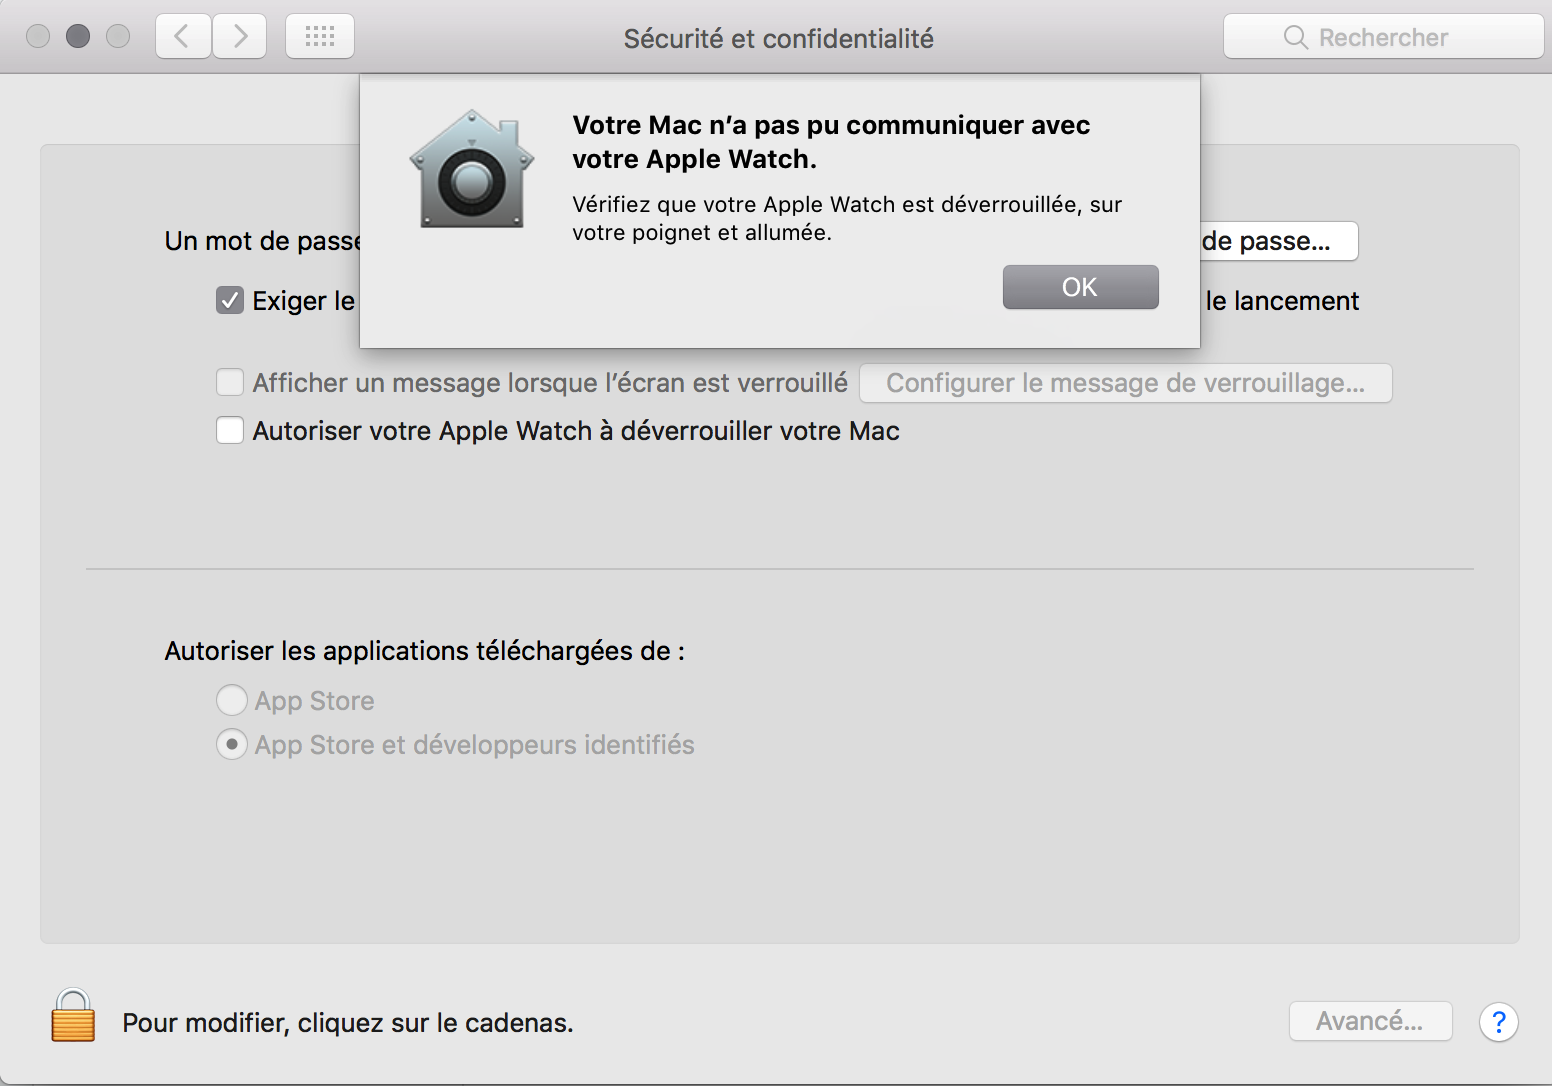 Votre Mac n'a pas pu communiquer avec votre Apple Watch.